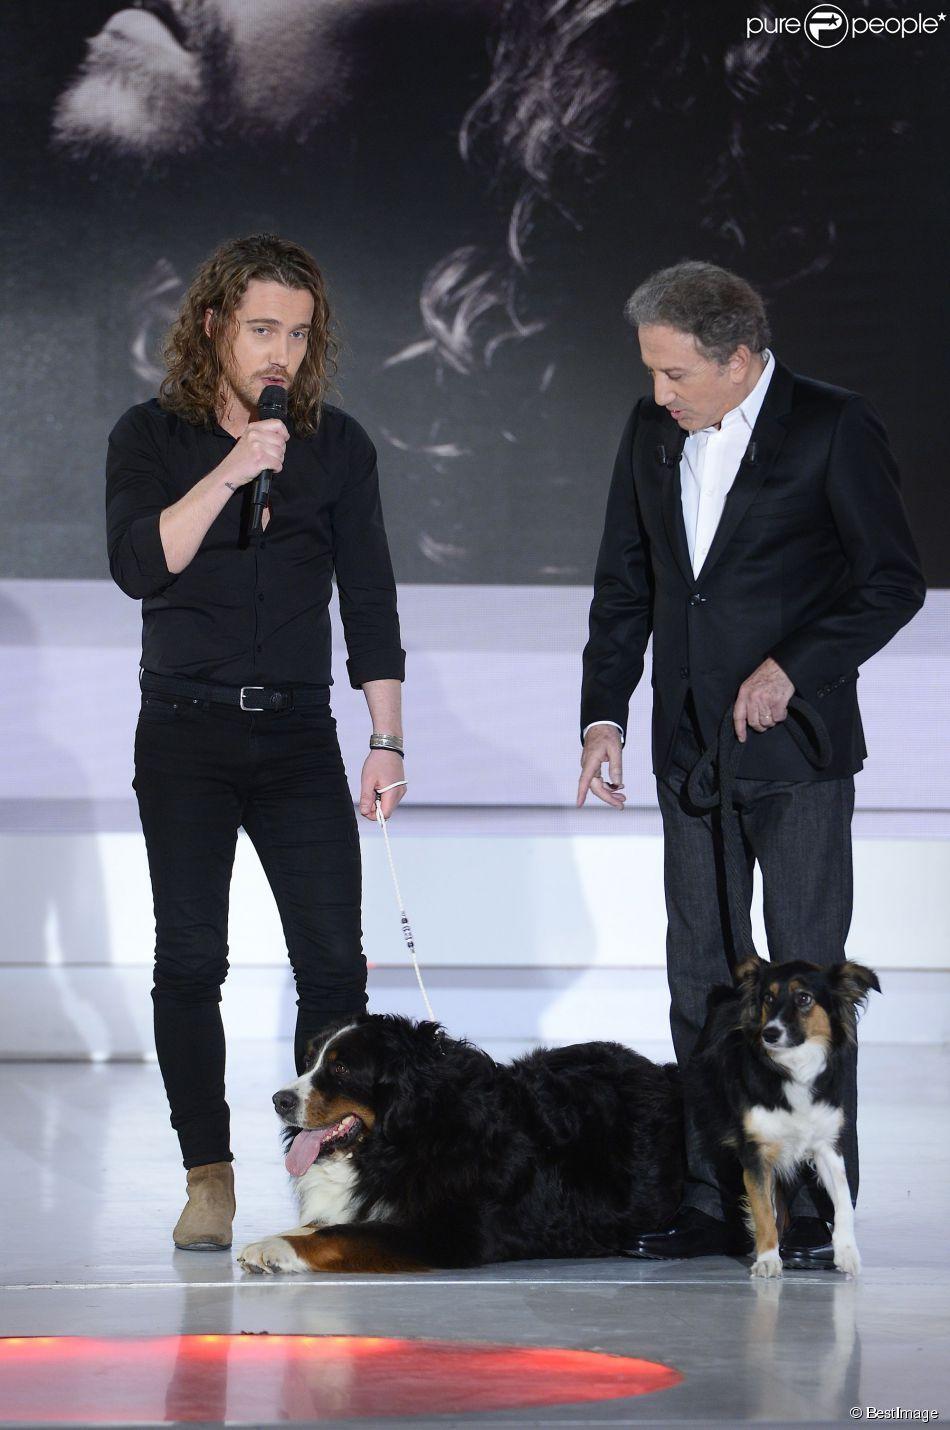 Julien dor et son chien michel drucker et sa chienne isia lors de l